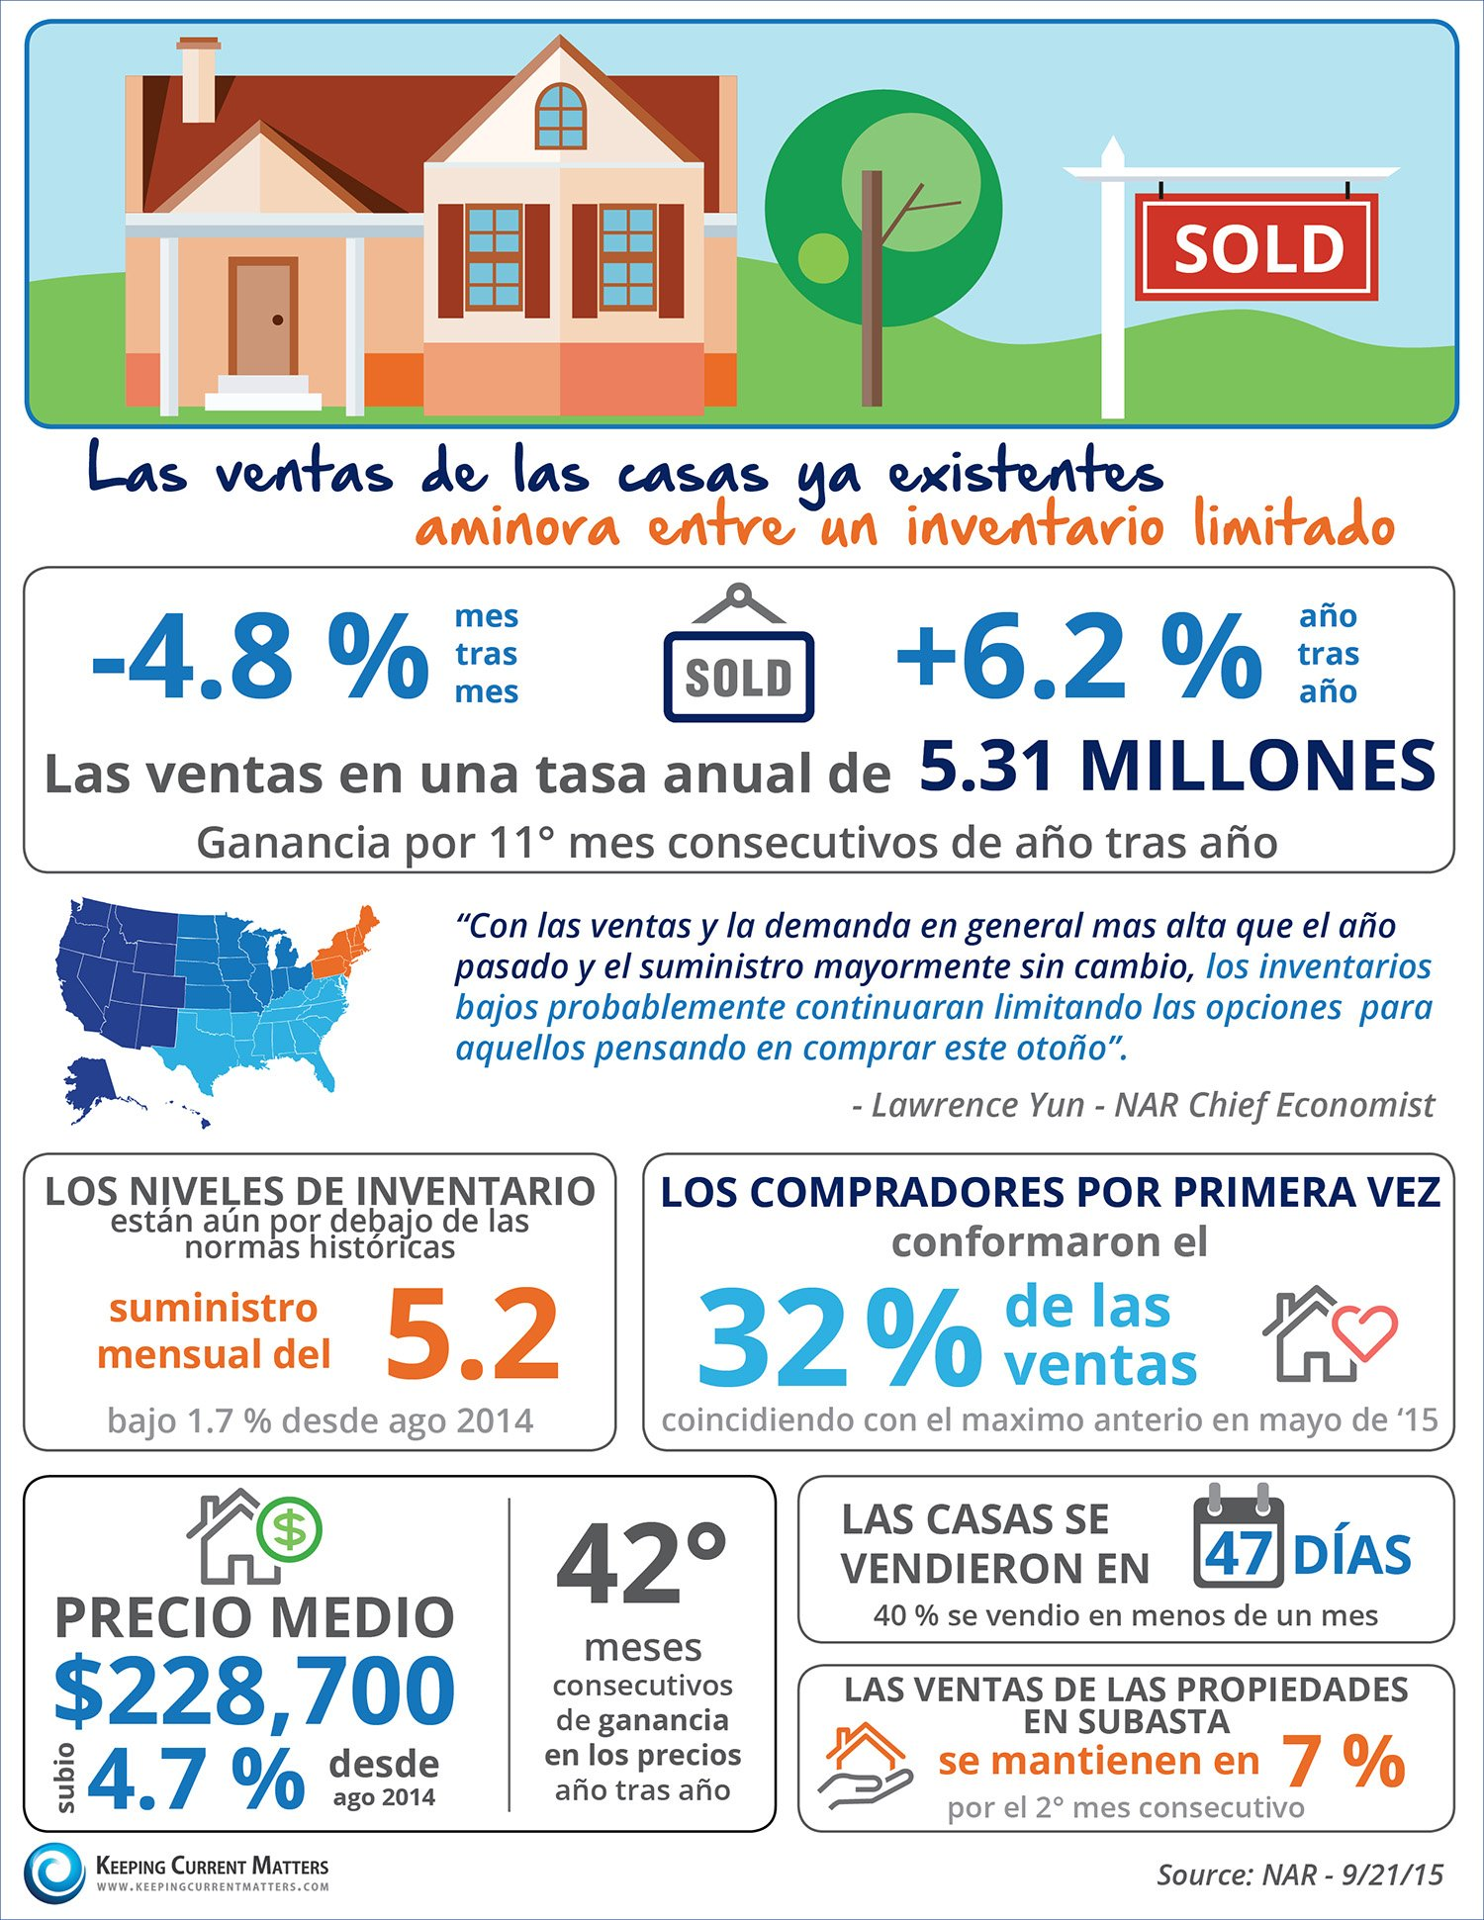 Las ventas de las casas ya existentes aminoran entre un inventario limitado [INFOGRAFíA]  | Keeping Current Matters